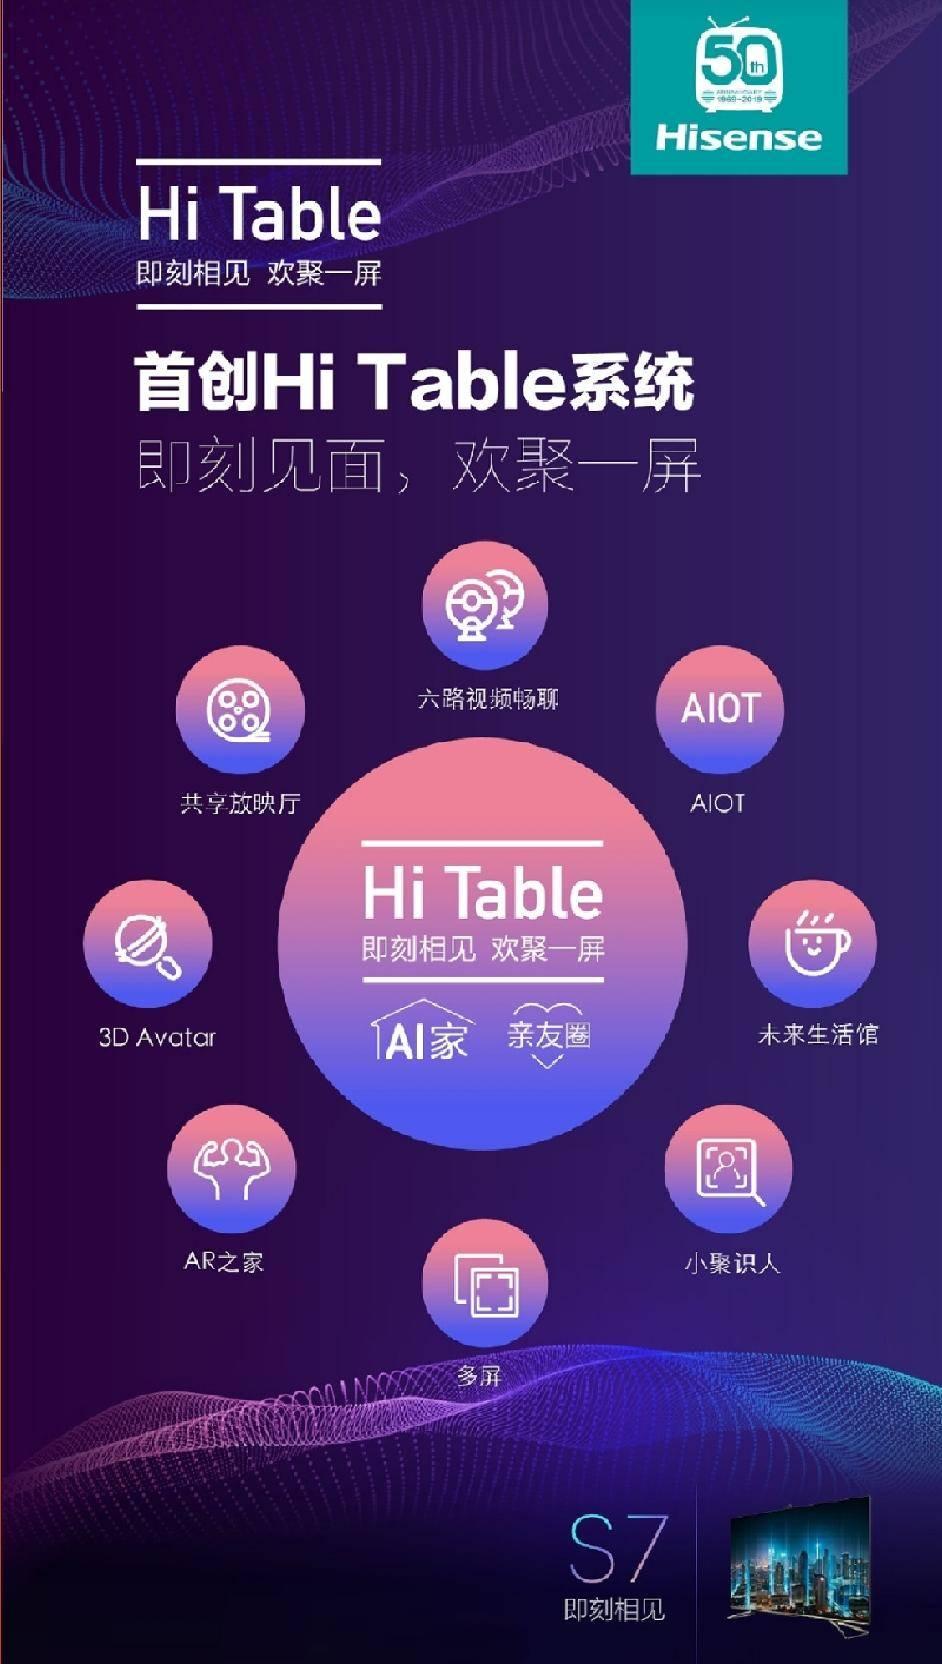 电视行业将洗牌?首款搭载Hi Table系统的海信S7来了